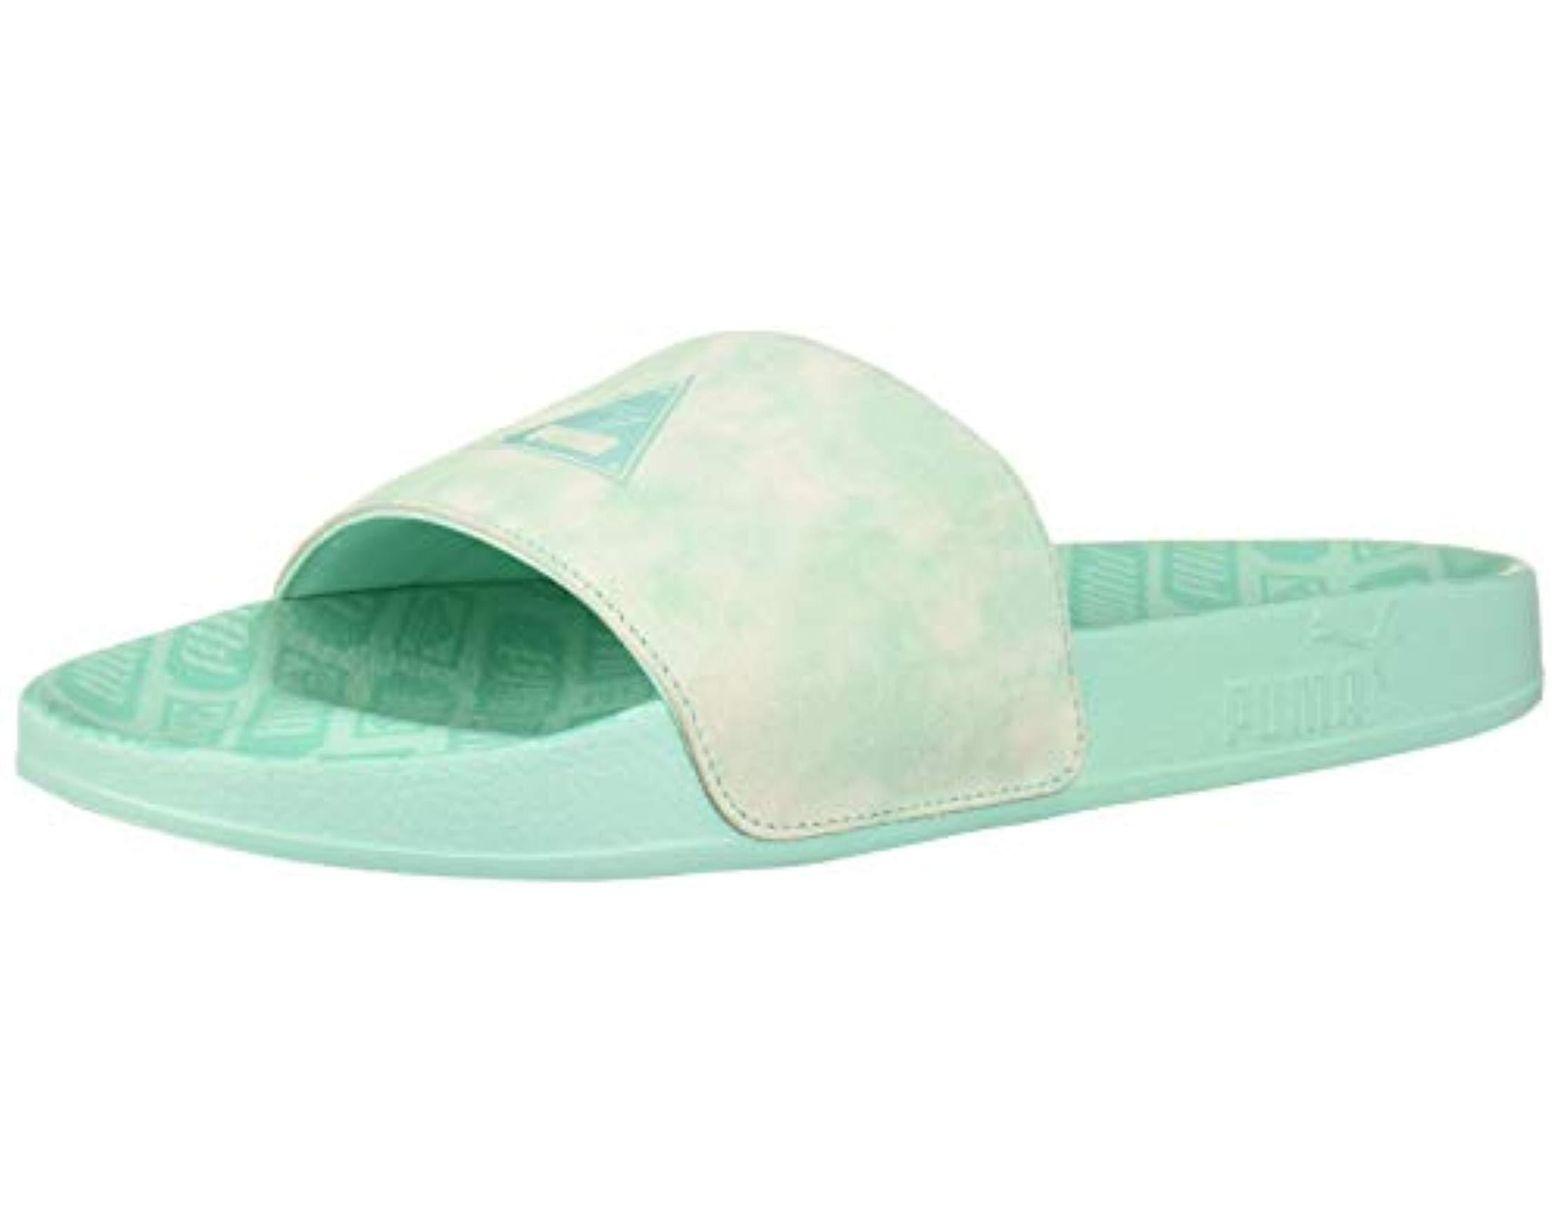 58d391e38d Men's Blue Leadcat Diamond Supply Slide Sandal